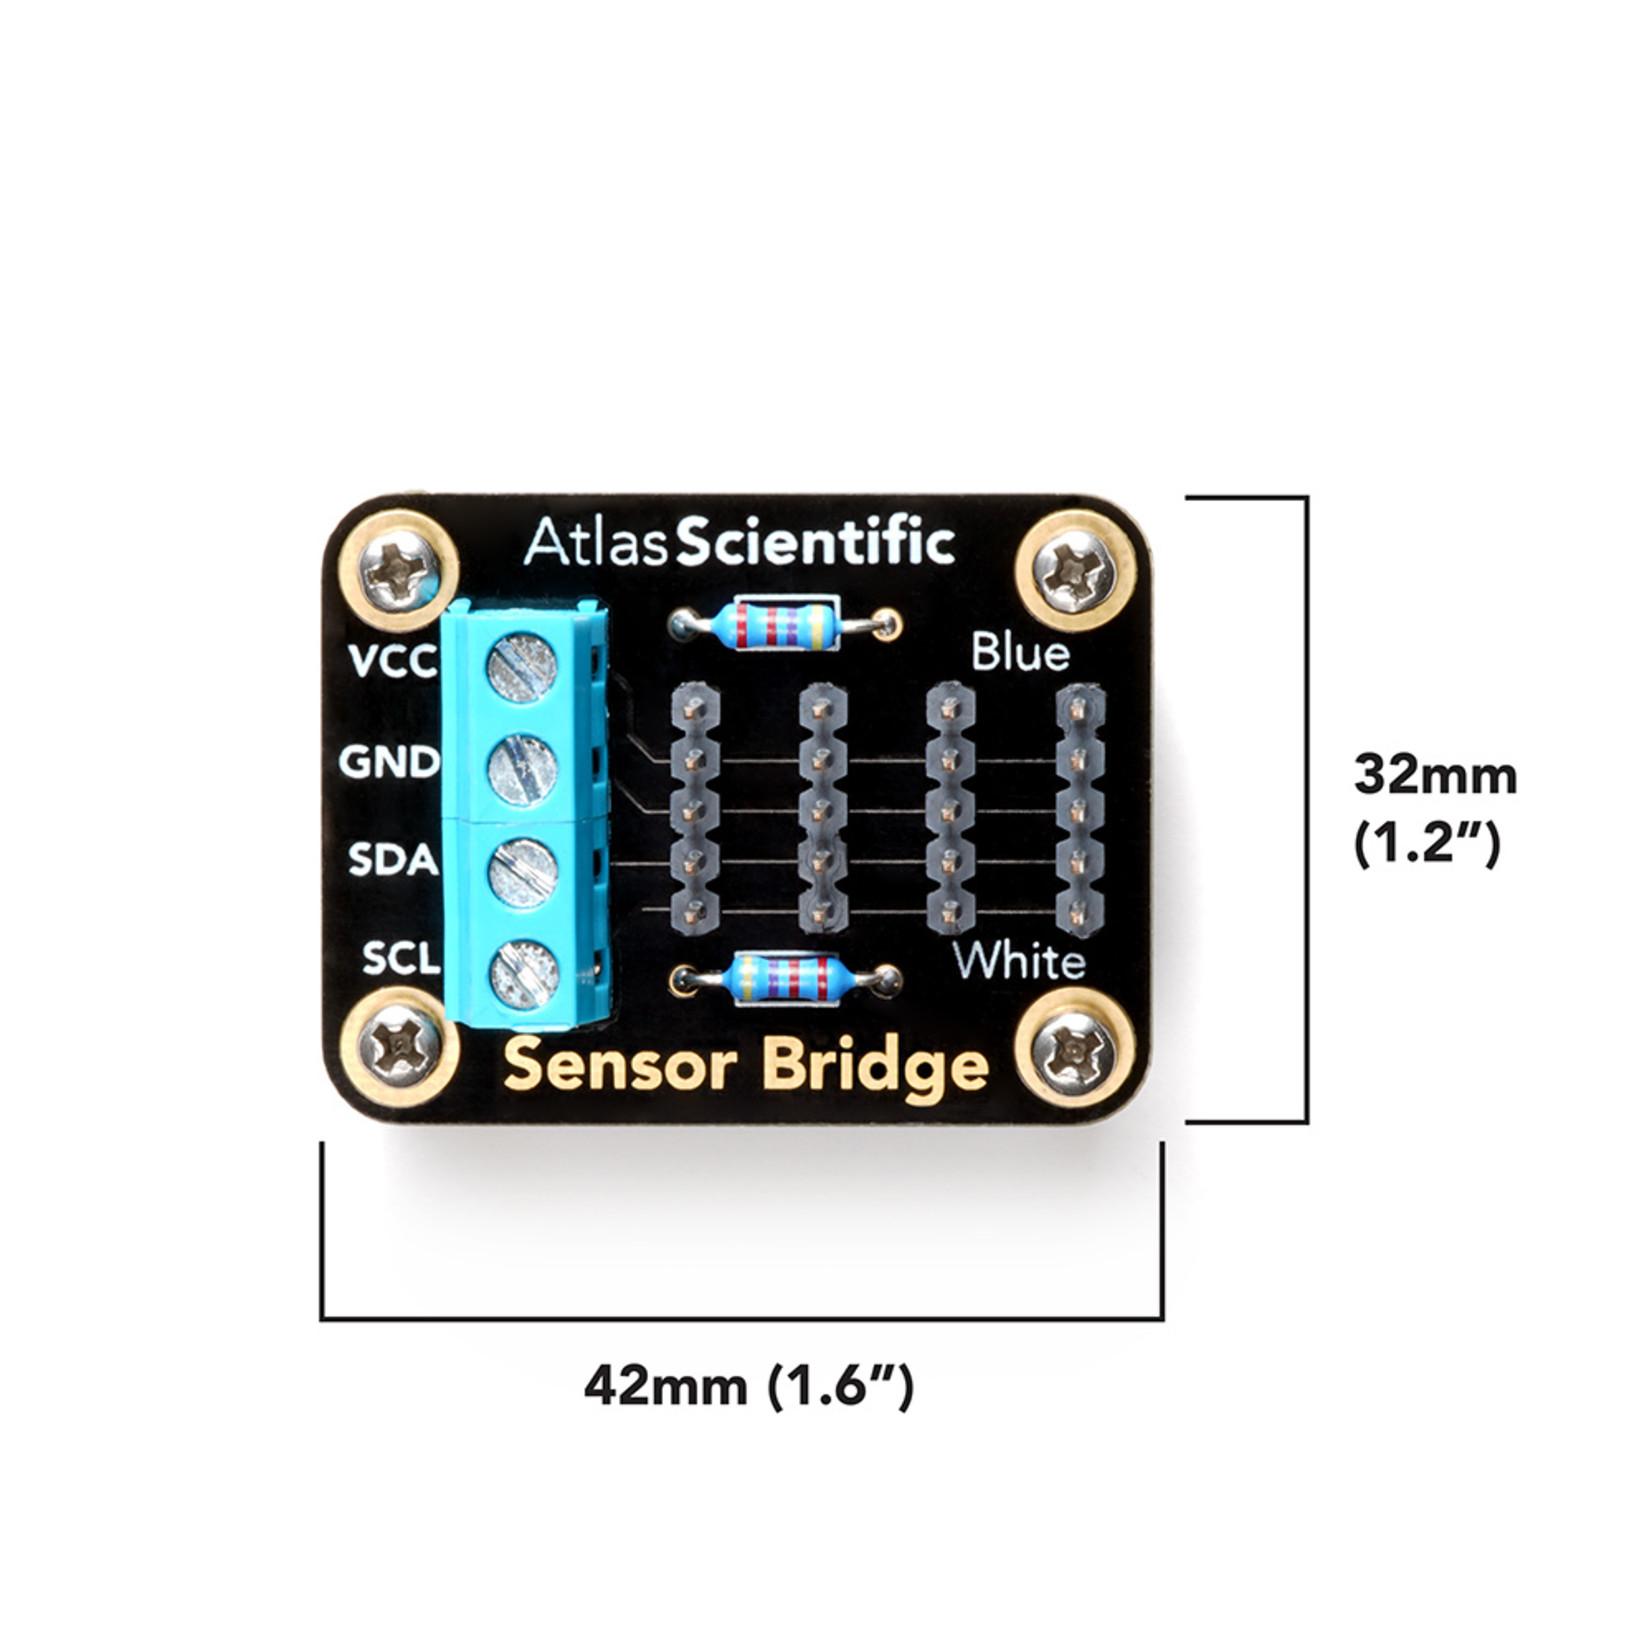 Atlas Scientific Sensor Bridge